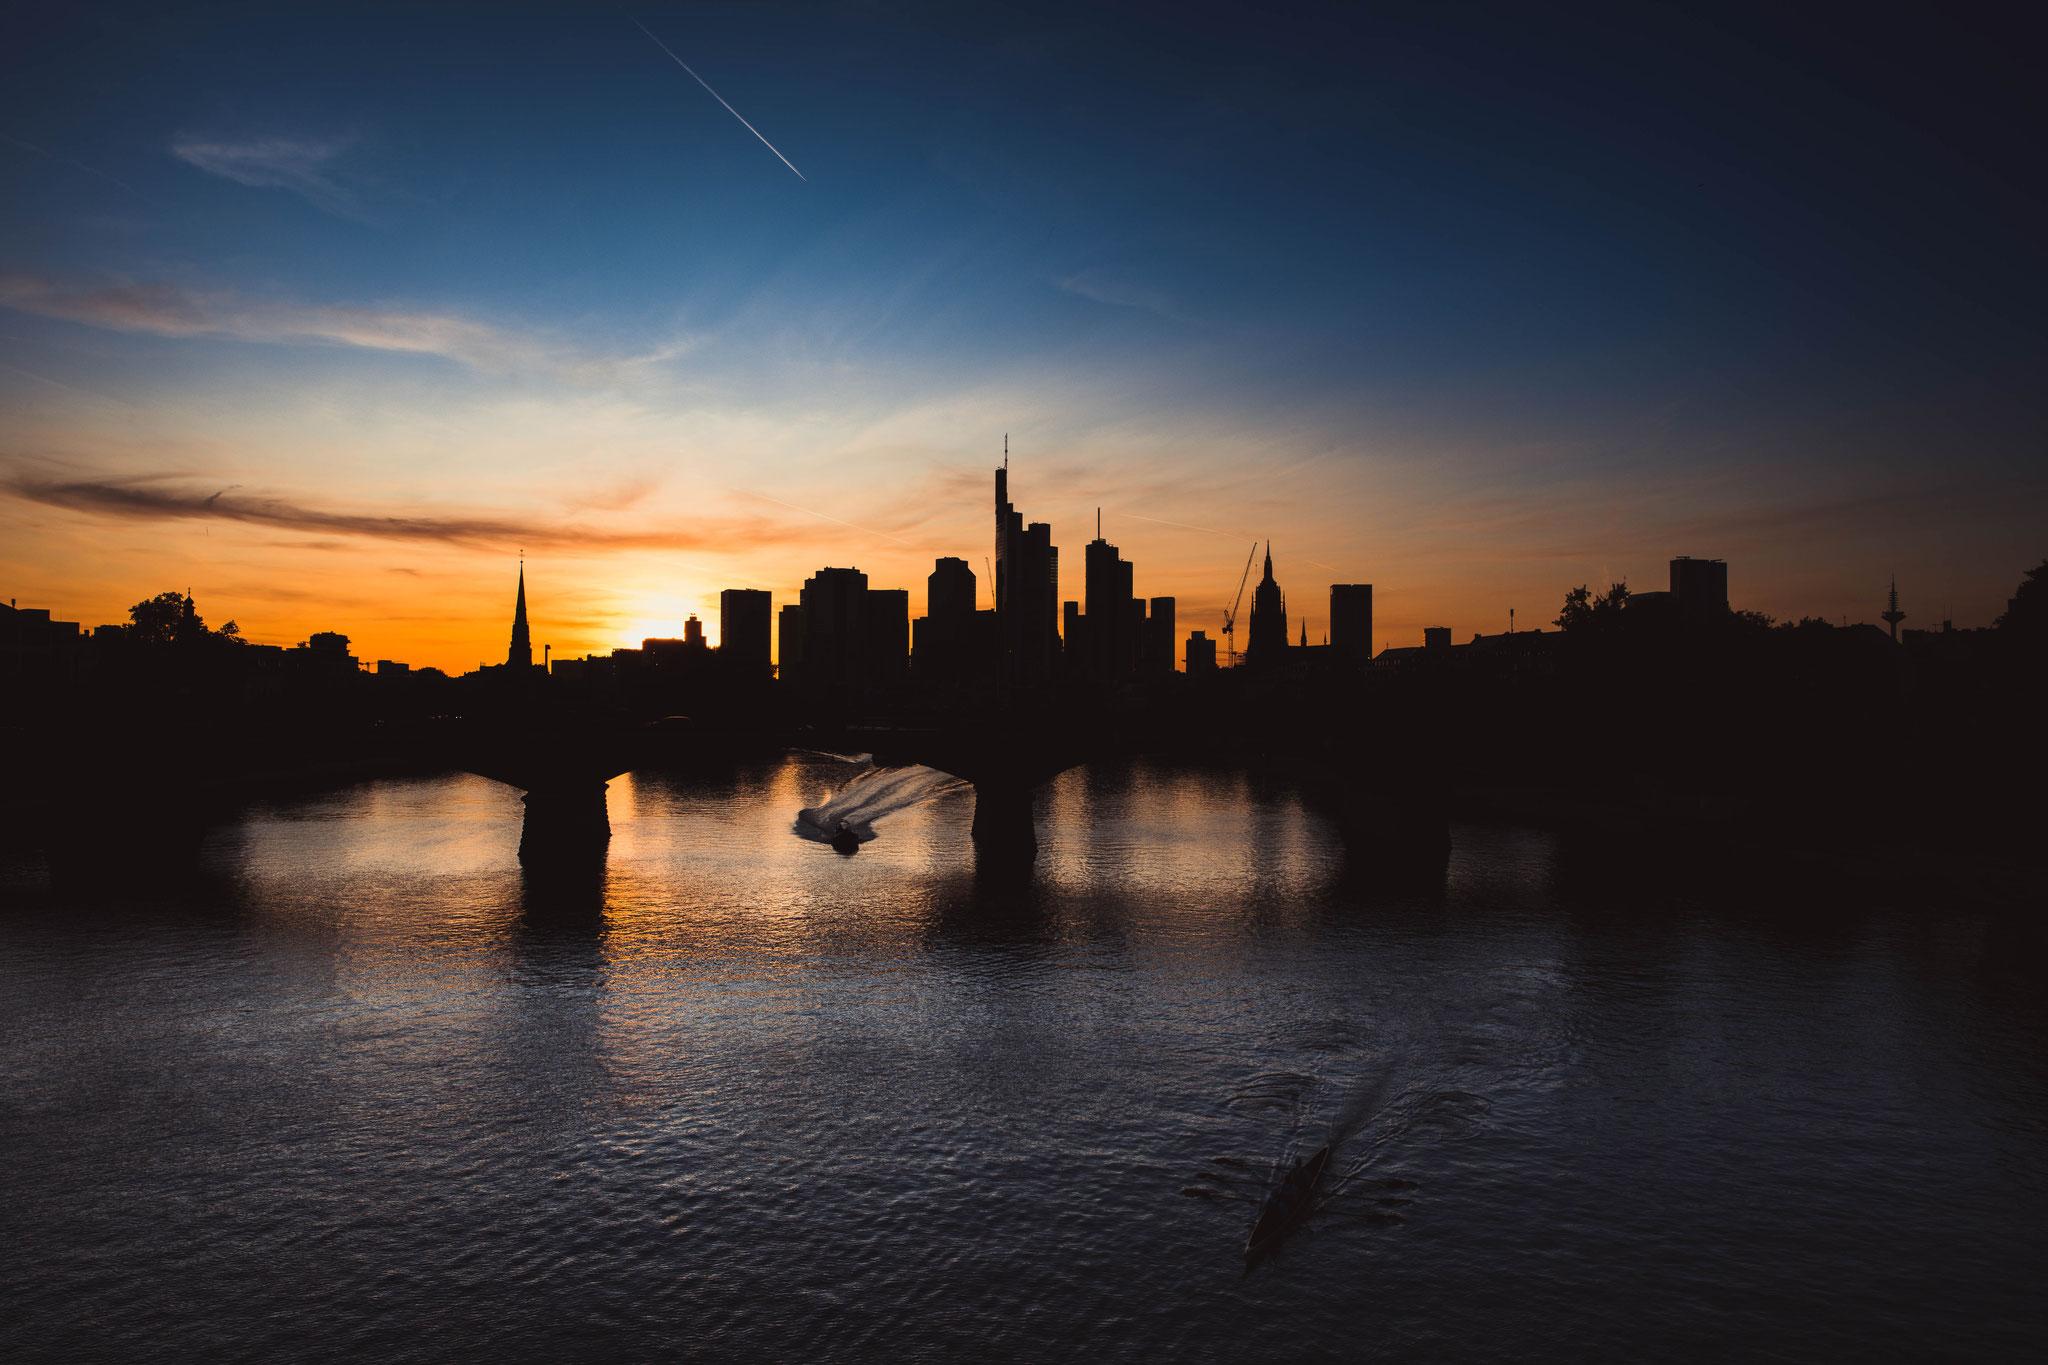 Silhouette von der Finanzmetropole Deutschlands Frankfurt am Main Skyline bei Sonnenuntergang